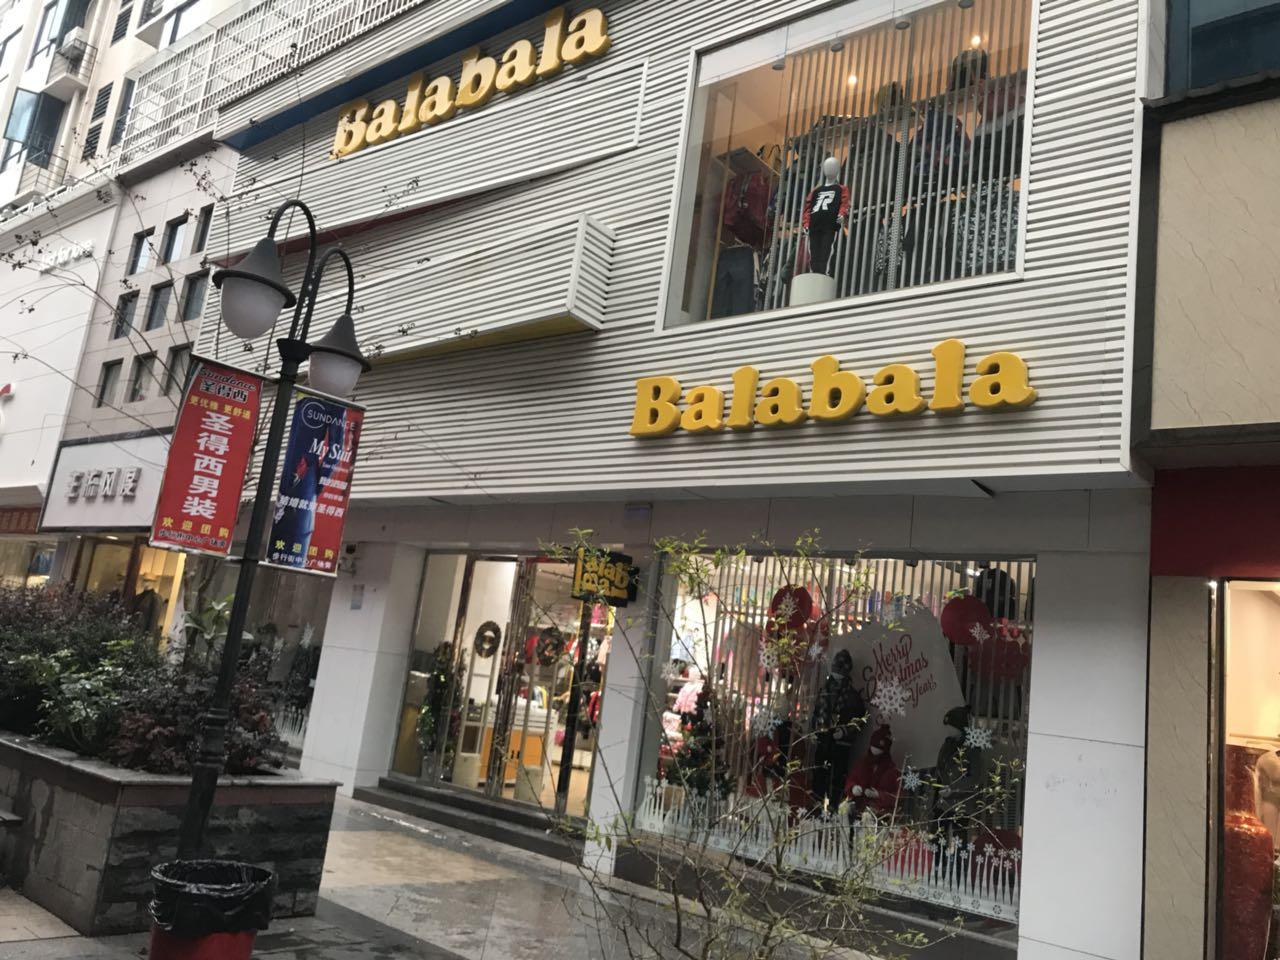 2018嘉禾县巴拉巴拉童装~福利免费送啦~